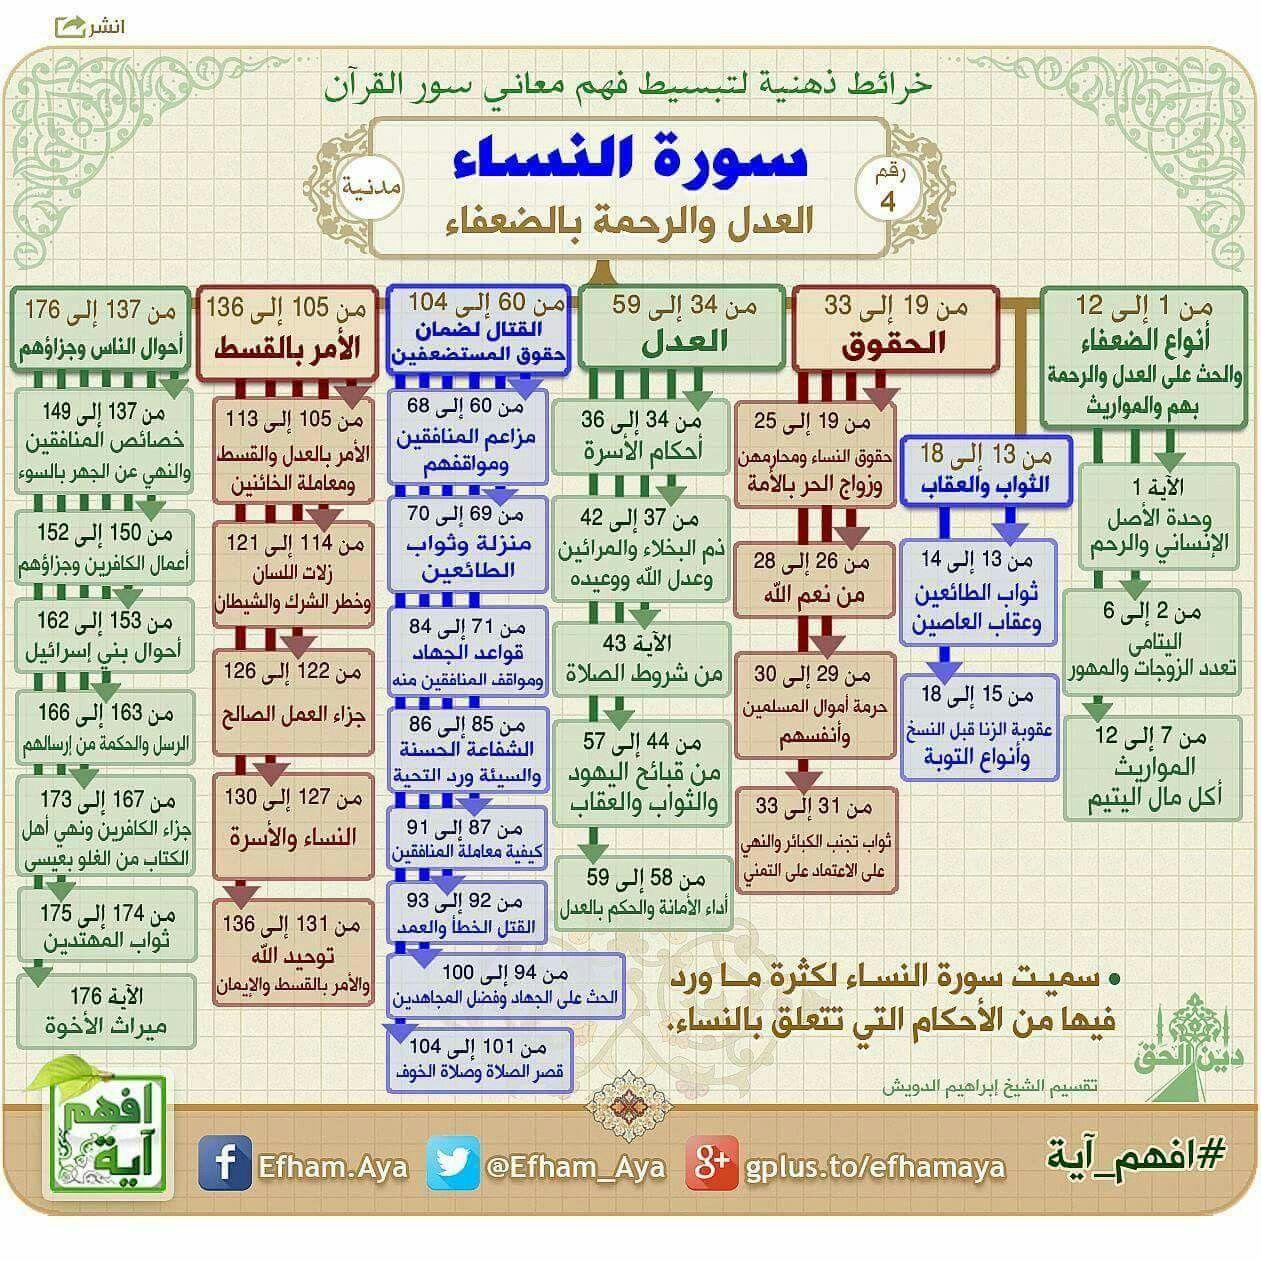 سورة النساء Quran Book Quran Tafseer Islam Beliefs